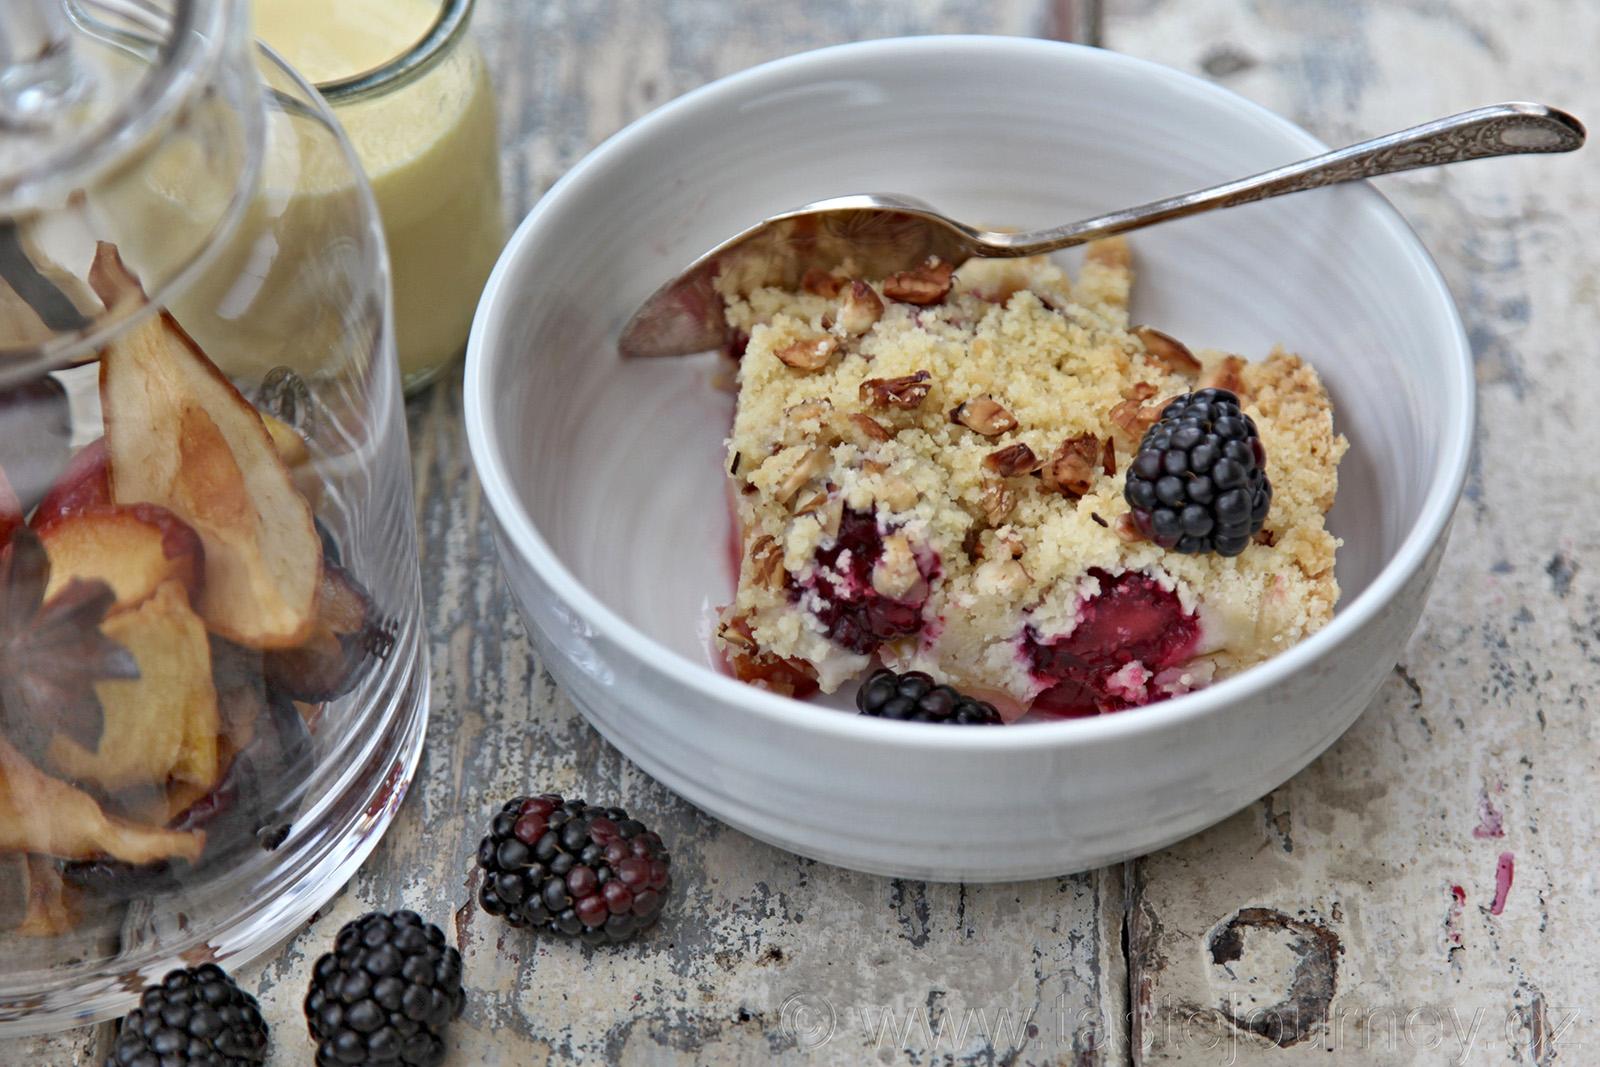 Aromatický crumble je rychlou verzí použití ovoce